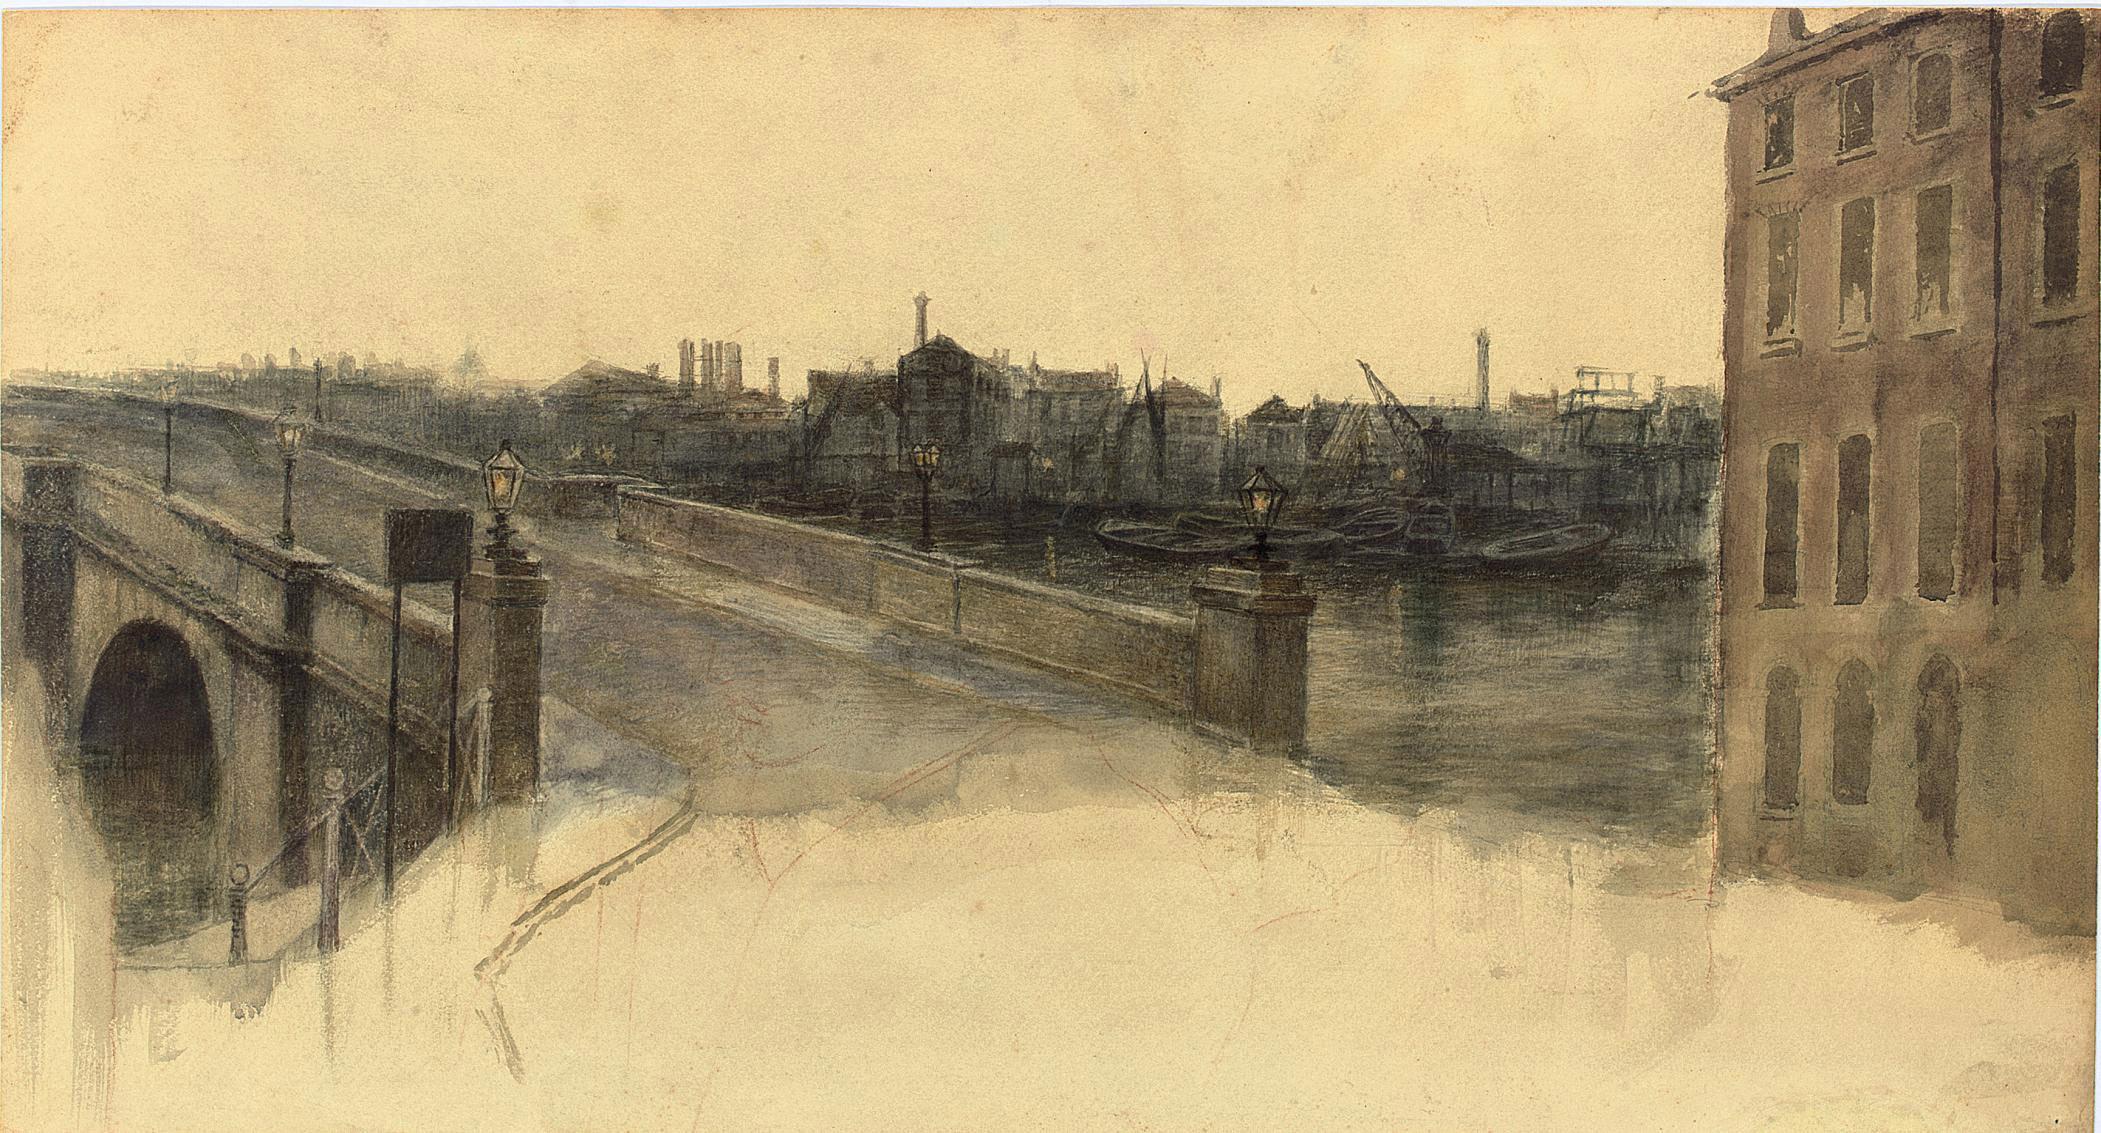 Henry Treffry Dunn (1838-1899)